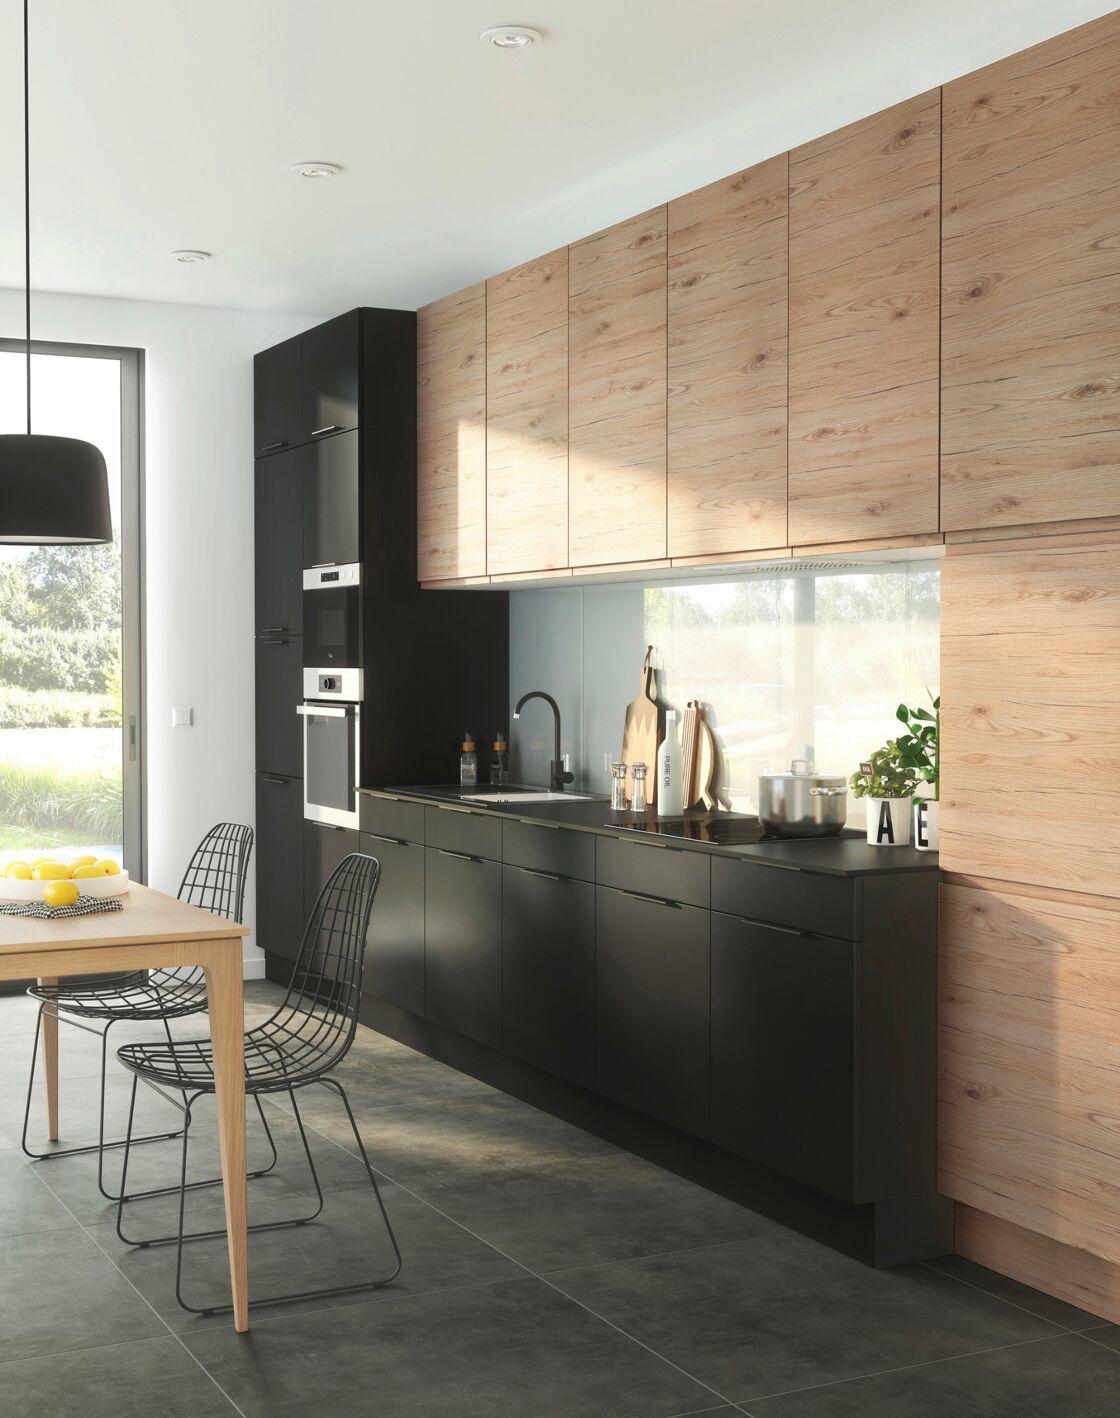 D co de cuisine vintage en couleur en bois quel style adopter femme actuelle le mag - Cuisine 2 couleurs ...